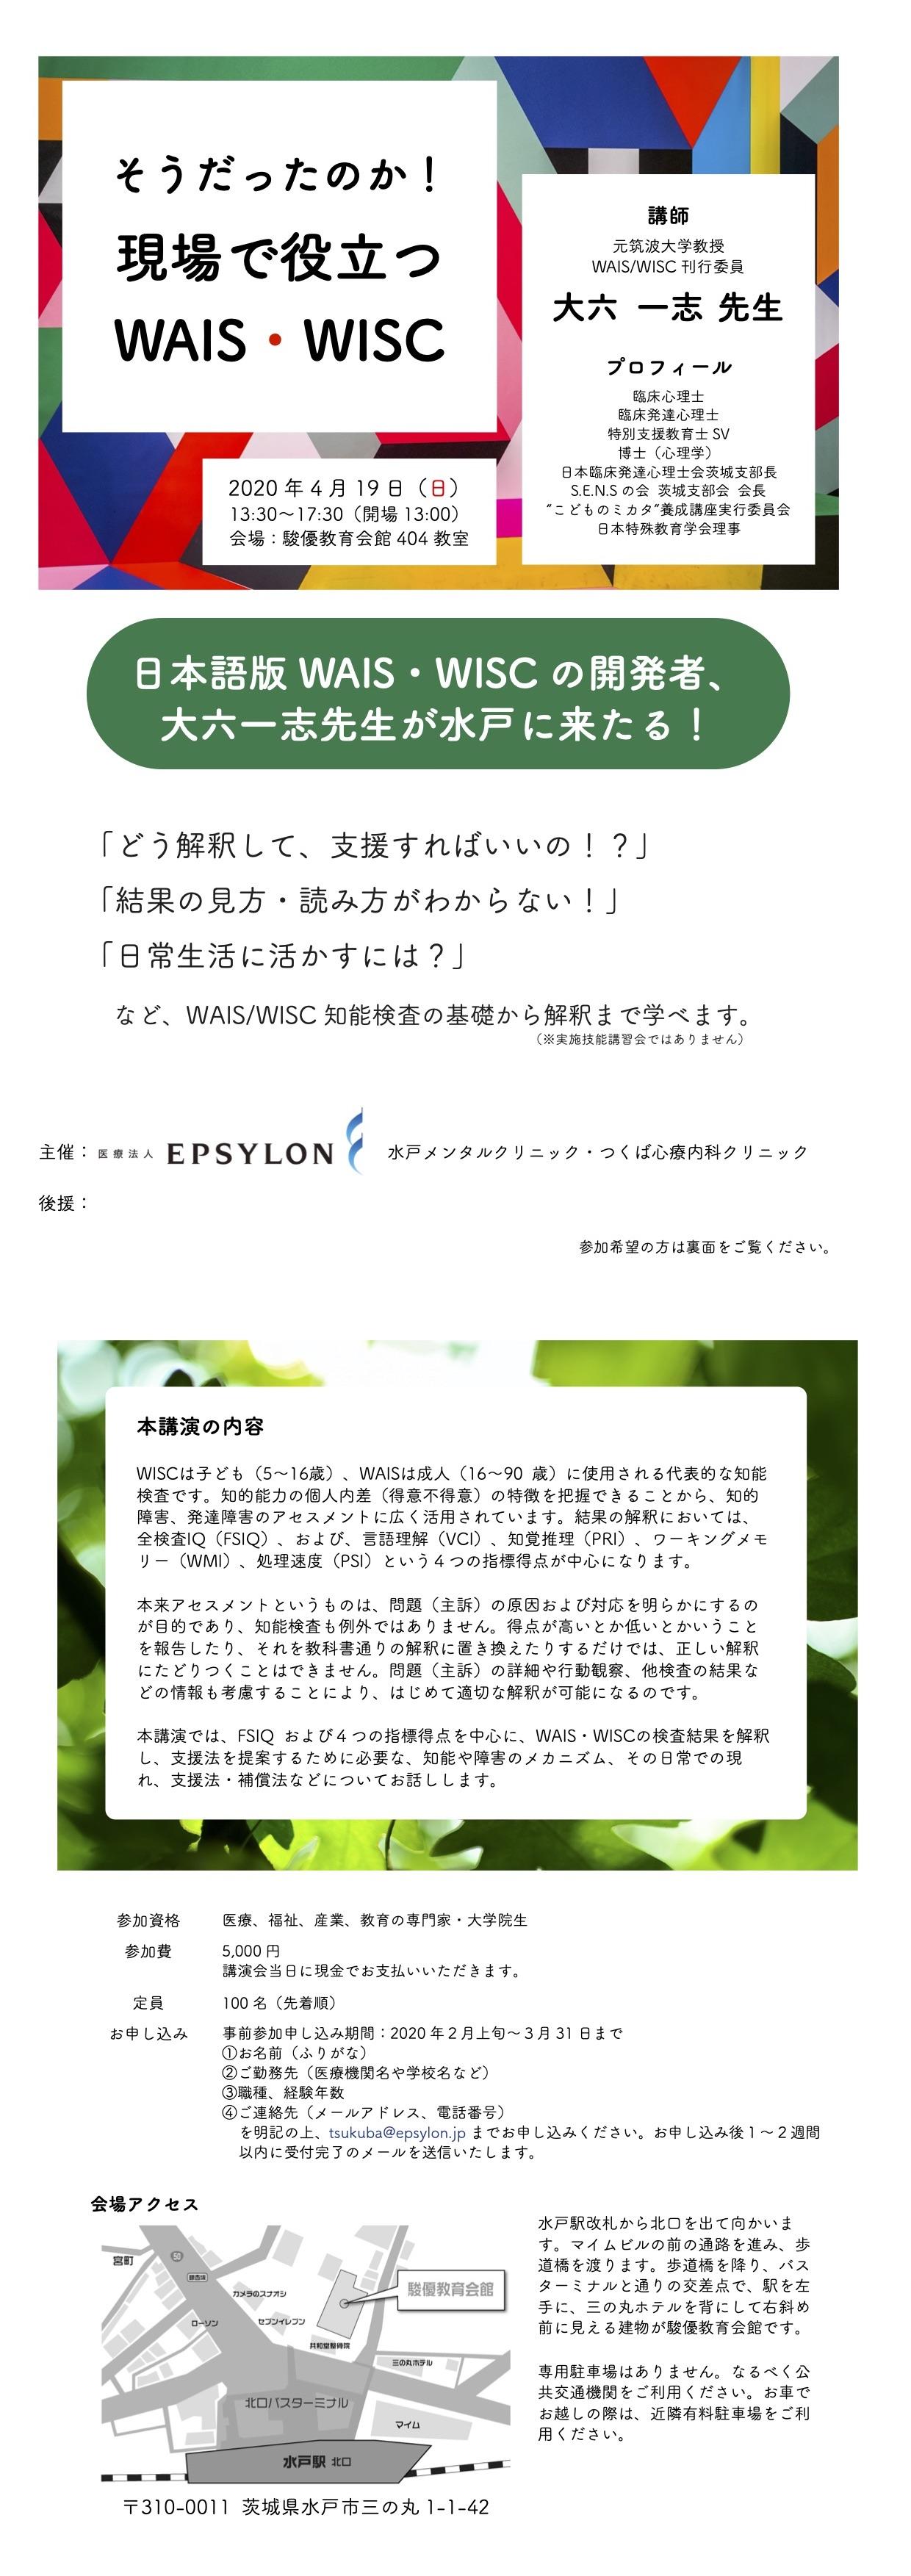 日本版WAIS・WISCの開発者、大六一志先生の講演会を主催いたします